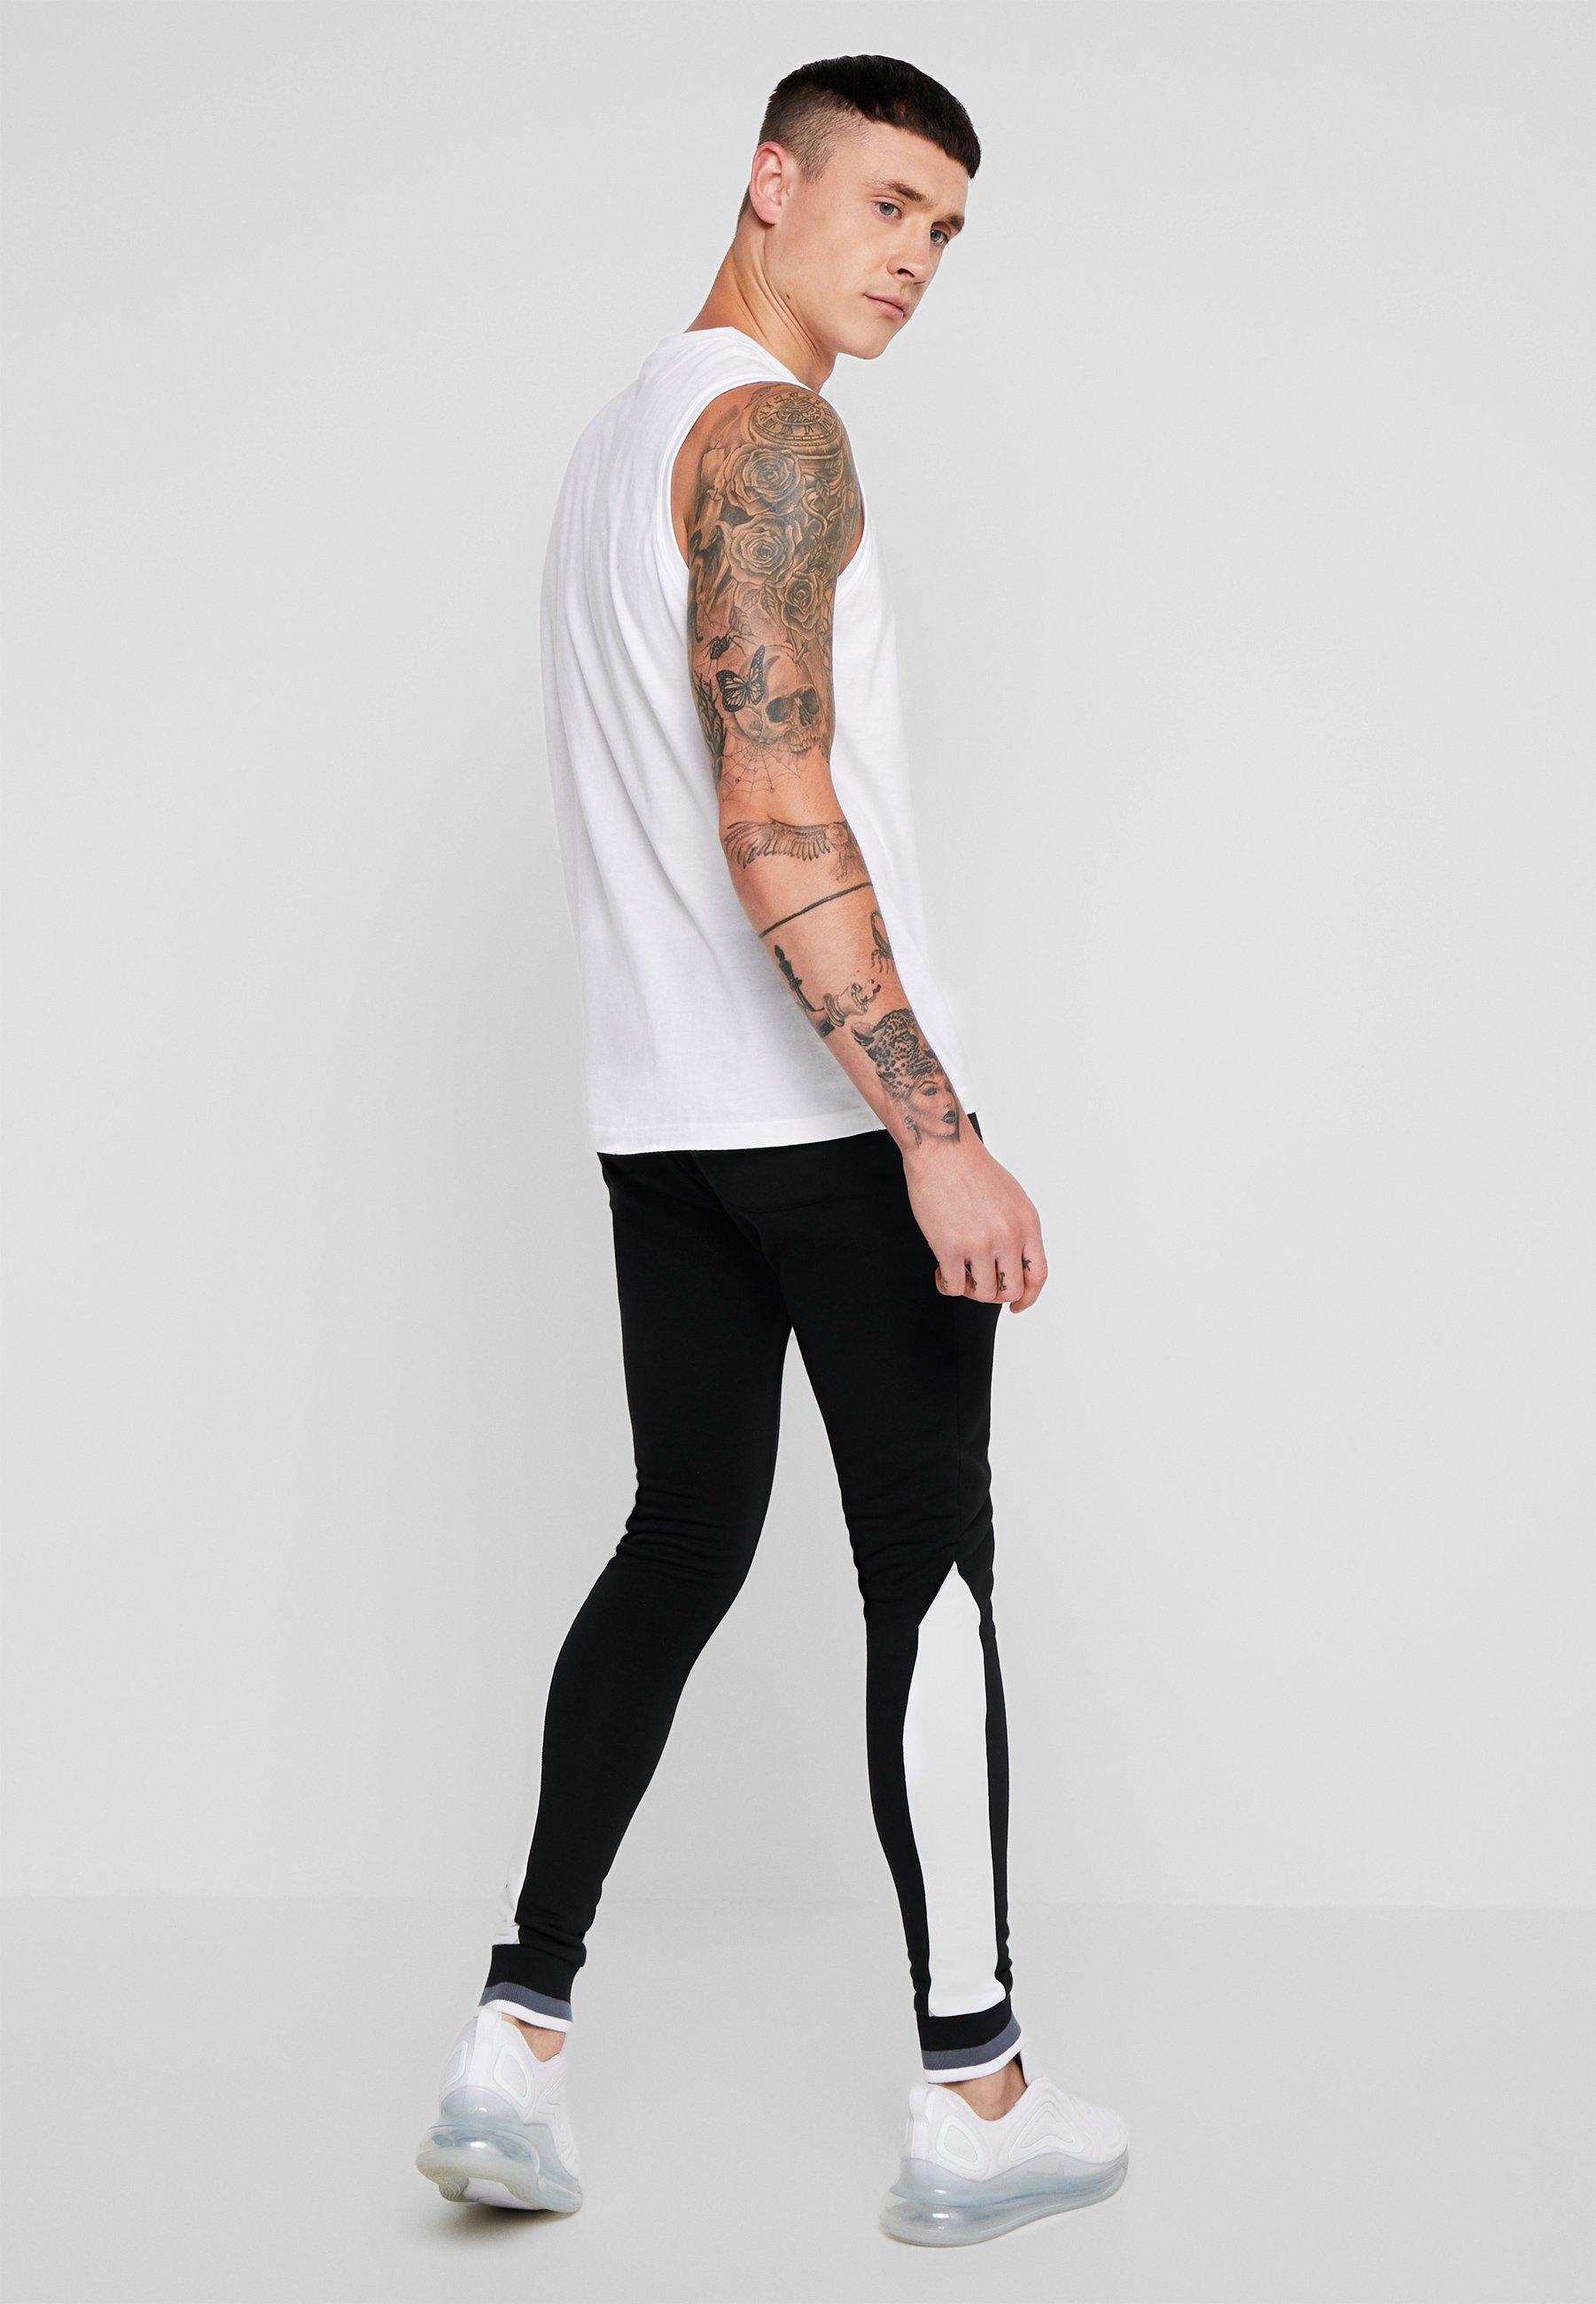 11 DEGREES RIBBED SKINNY JOGGERS - Spodnie treningowe - white/black - Odzież męska 2020